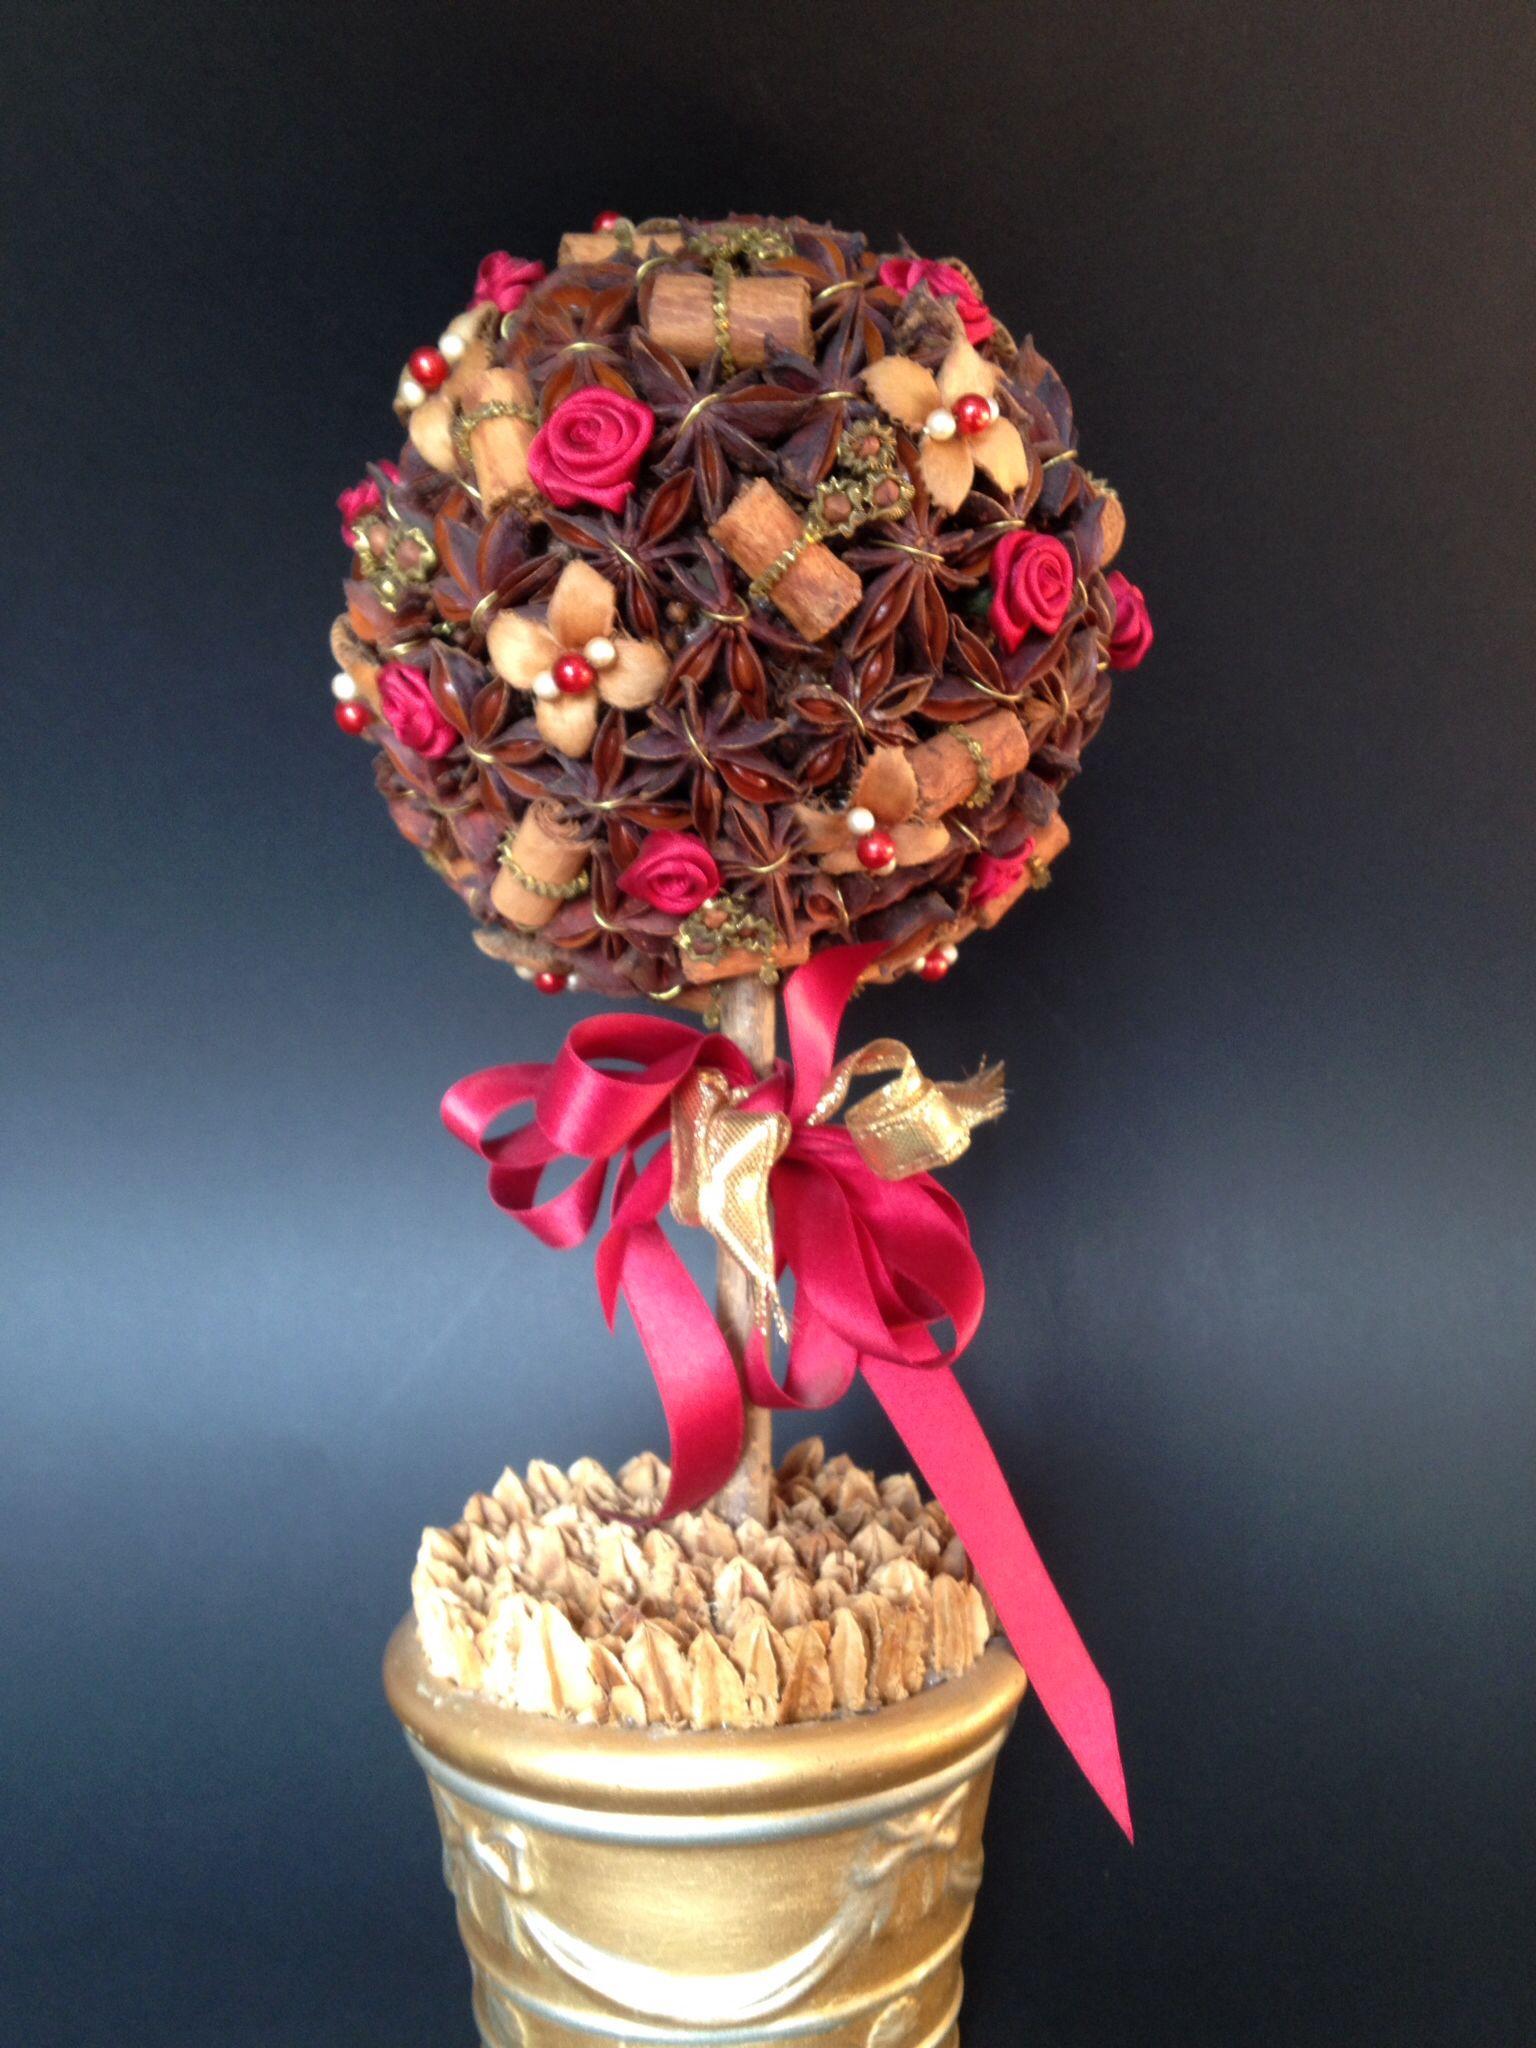 Piccolo alberello in stile biedermaier realizzato con fiorellini in raso, perline, canutiglie e spezie